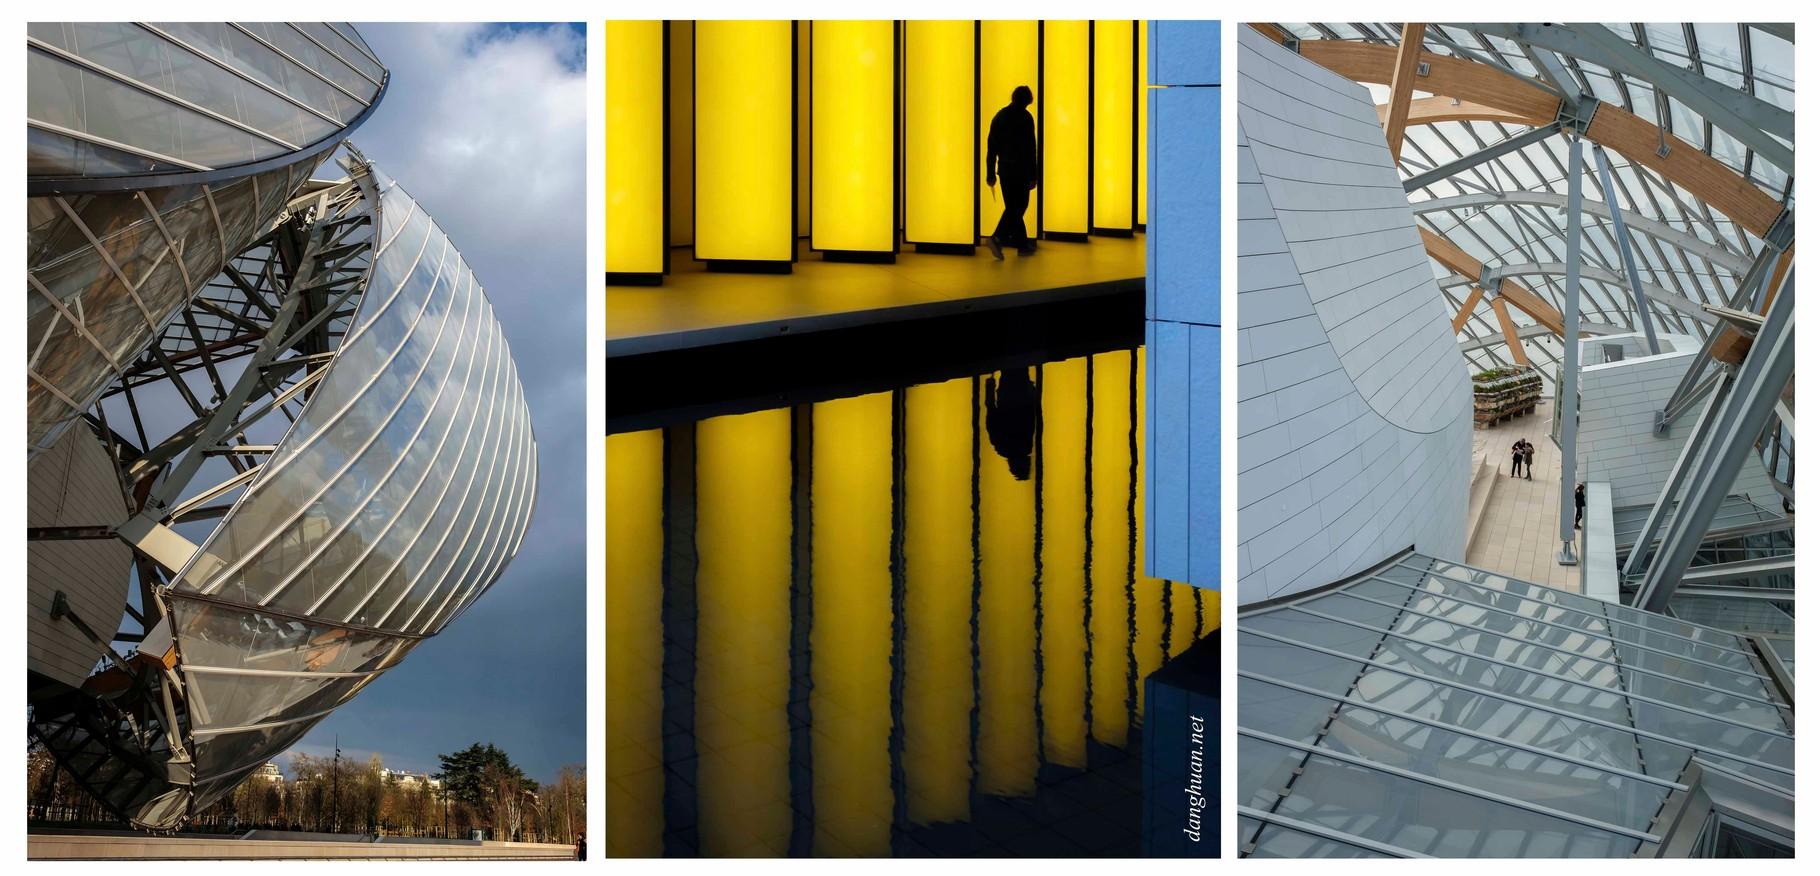 La Fondation Louis Vuitton dont  le bâtiment fut conçu  par Frank Gehry